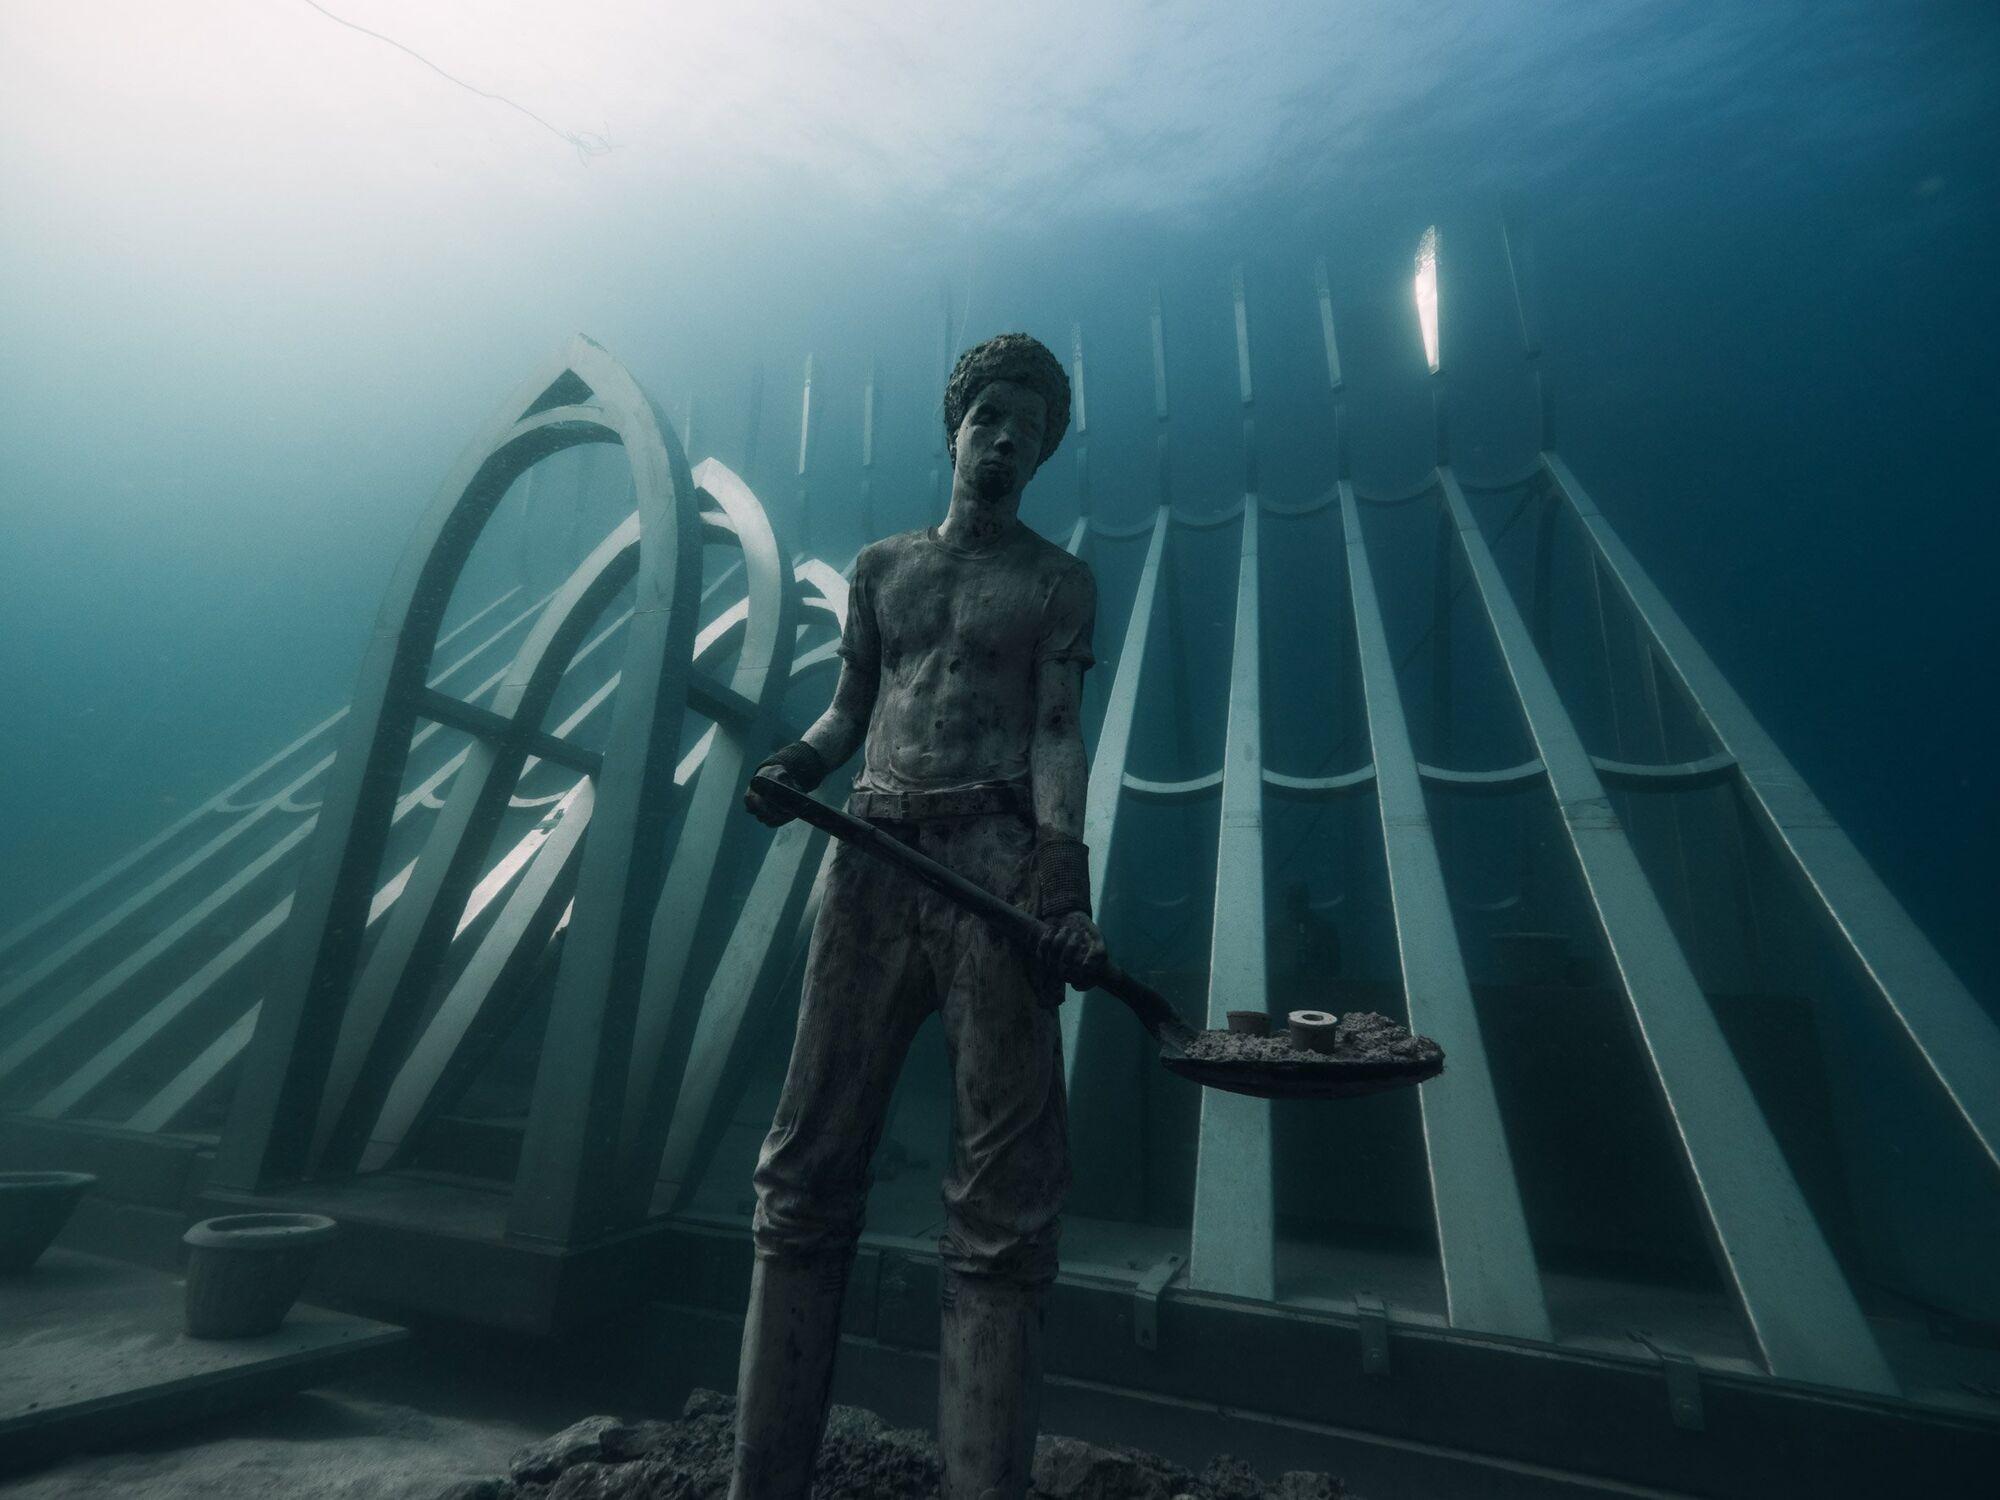 """Природі можна не тільки заважати: в океан занурили мистецьку структуру для """"допомоги"""" коралам"""